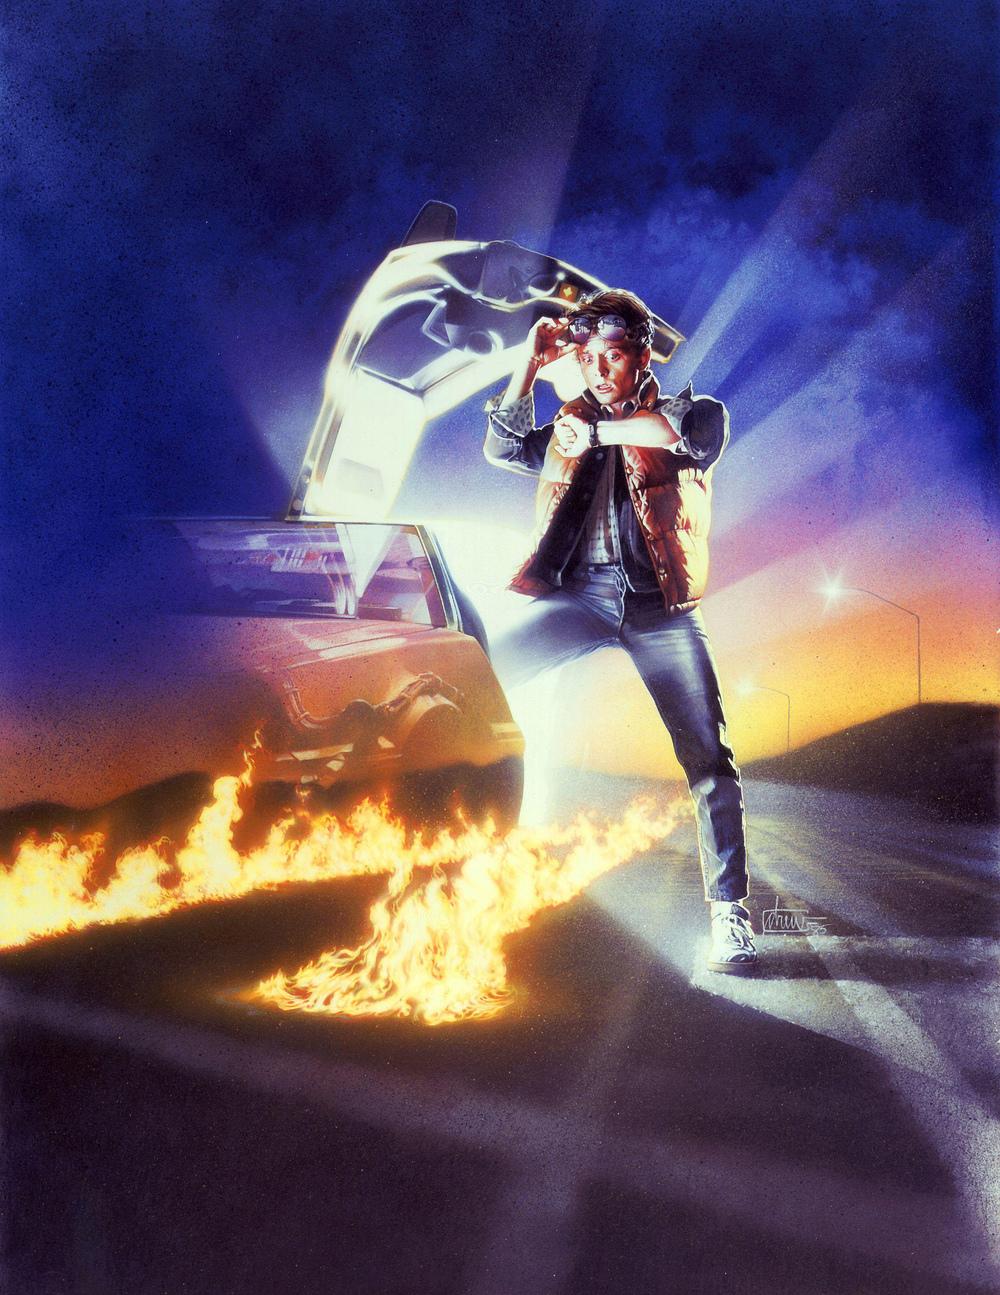 Volver al Futuro (1985) - Robert Zemeckis